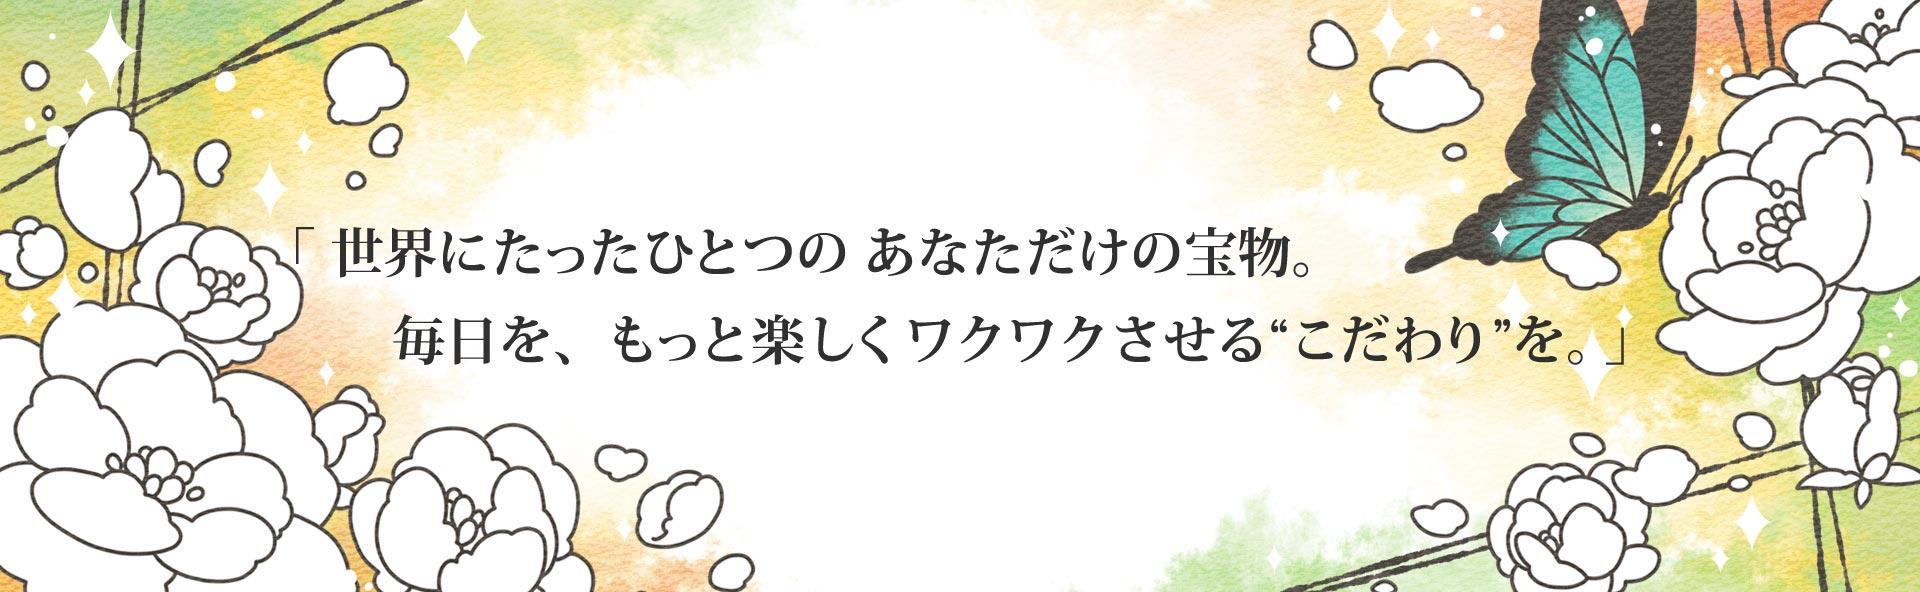 手作り小物のお店「Tezuko Tudor(テヅコ・テューダー)」について